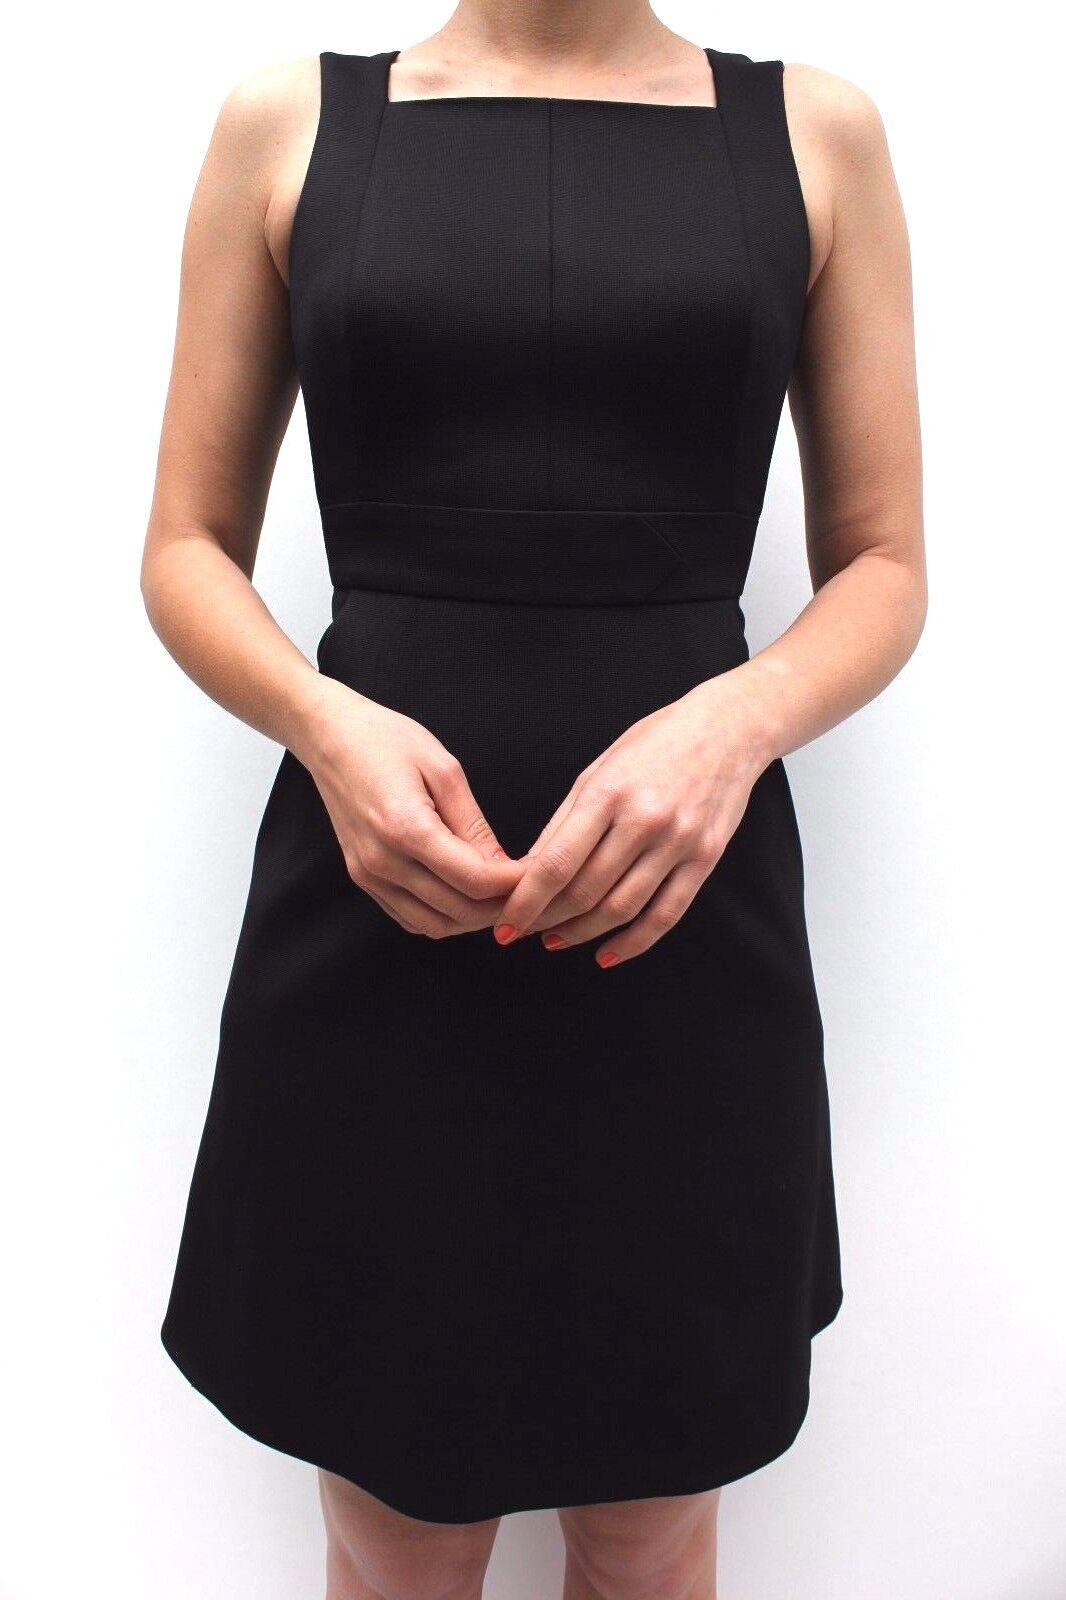 Karen Millen schwarz Feminin Ausgeschnitten Cocktail Shift Mini Partykleid 8 - 12